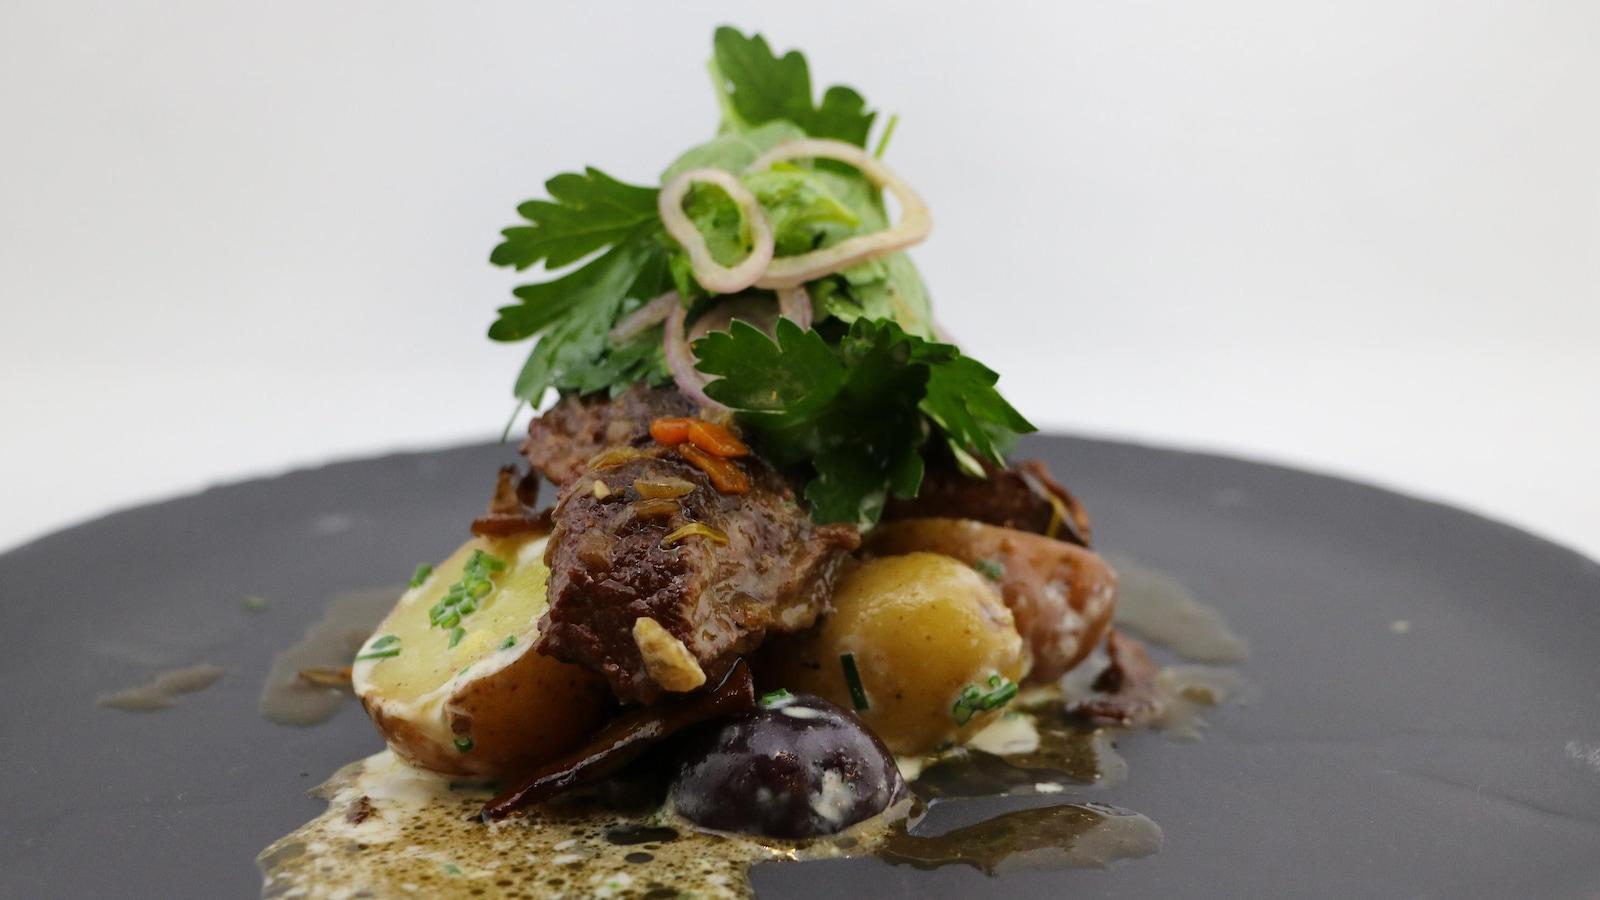 La viande est posée sur les pommes de terre. Des herbes fraîches sont posées sur la viande.